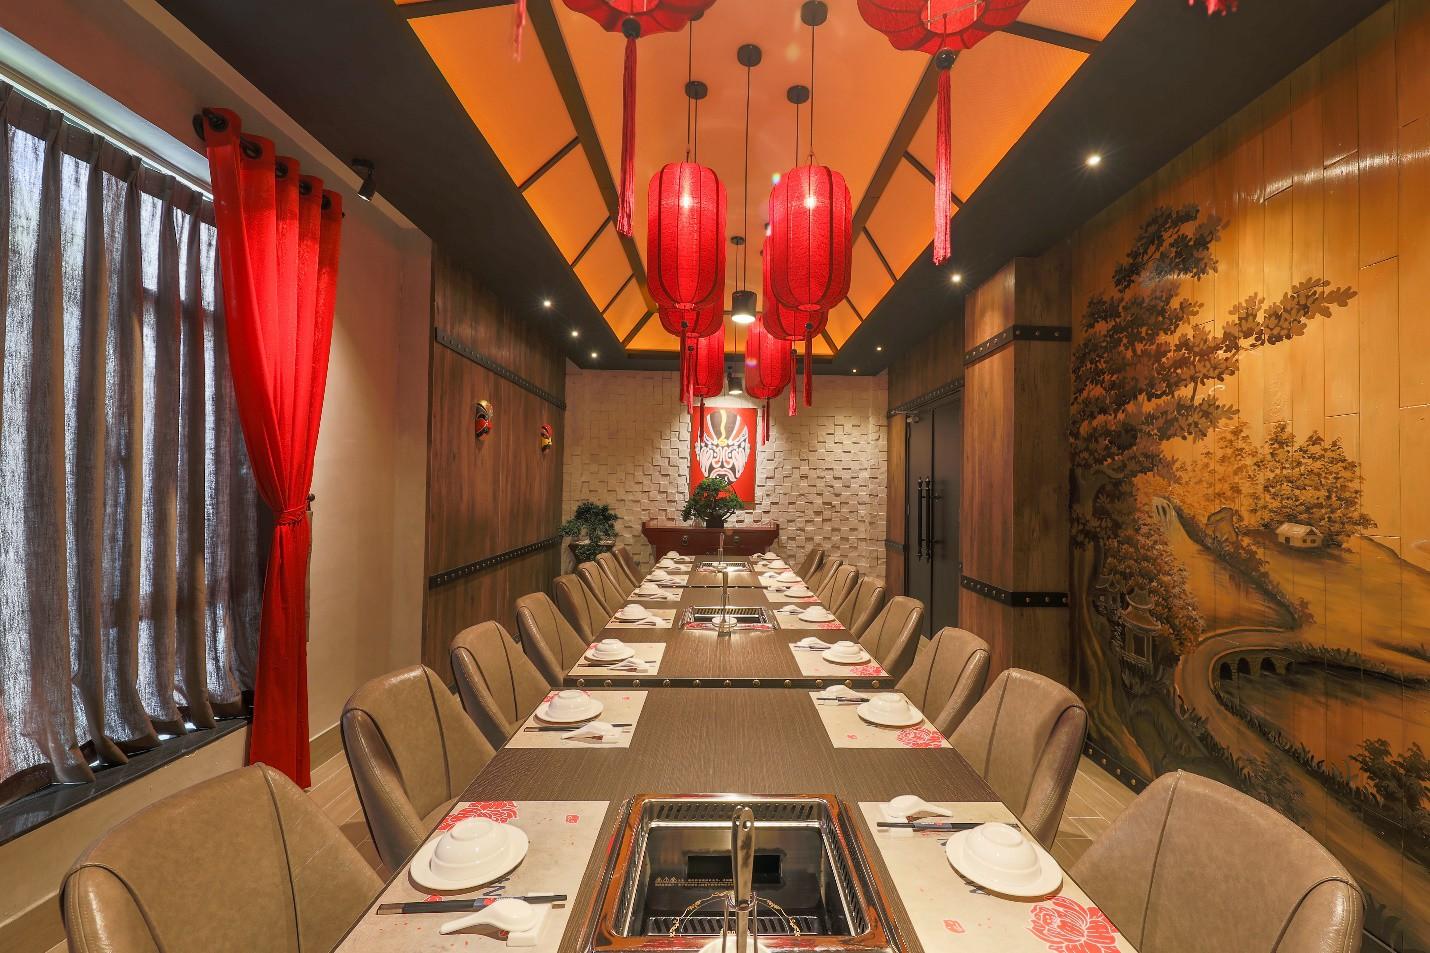 Đà Nẵng xuất hiện nhà hàng đẹp như phim cổ trang Trung Quốc bạn đã checkin chưa? - Ảnh 3.